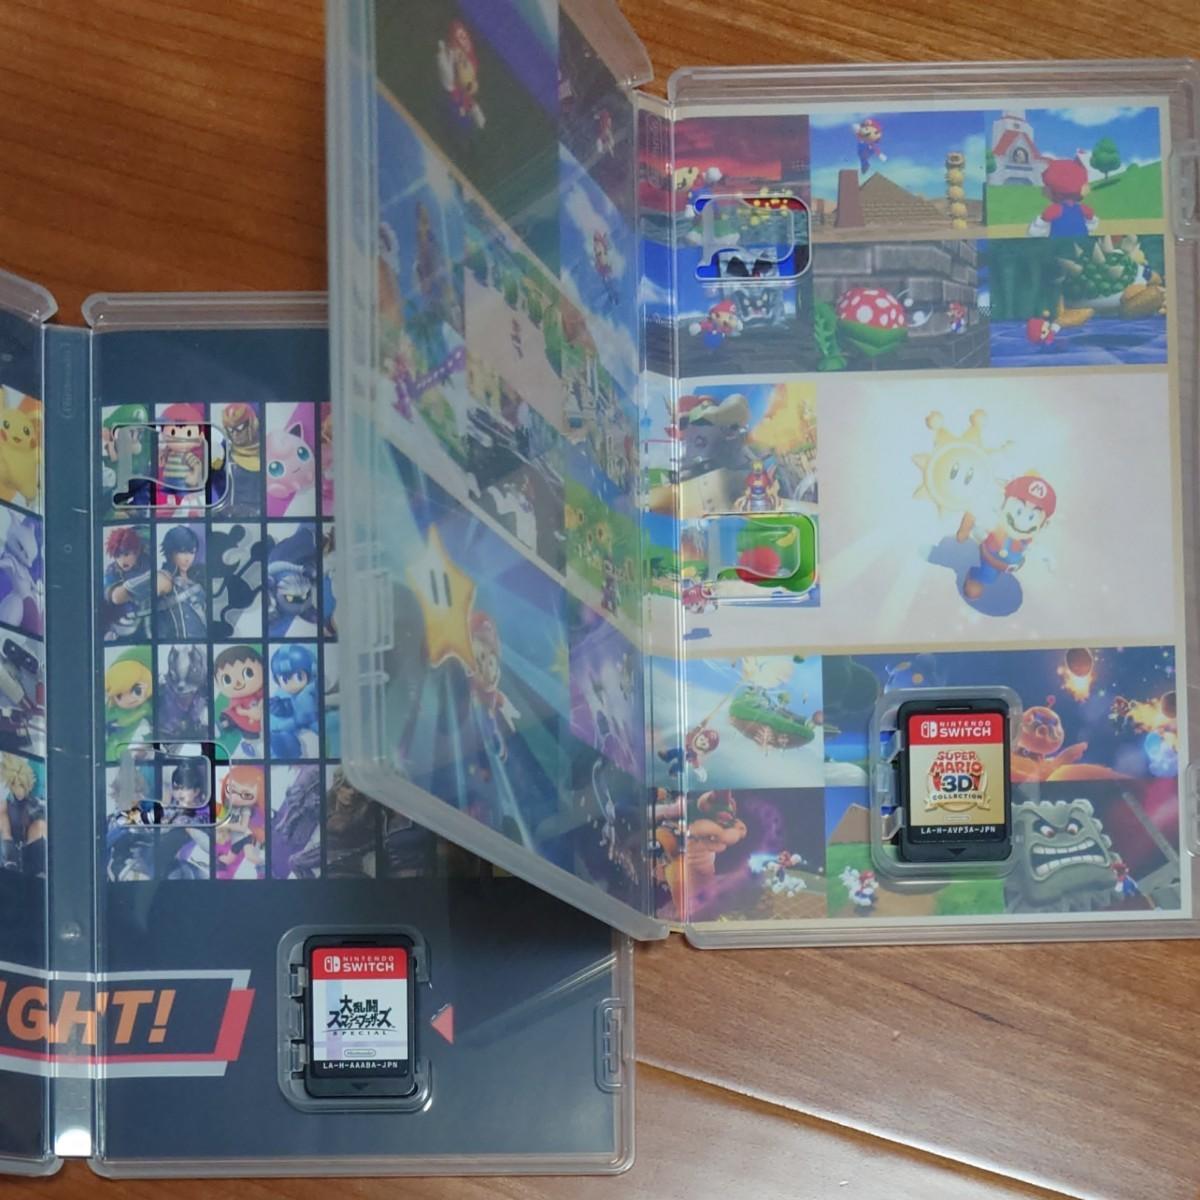 Nintendo Switch 大乱闘スマッシュブラザーズSPECIAL スーパーマリオ3Dコレクション セット